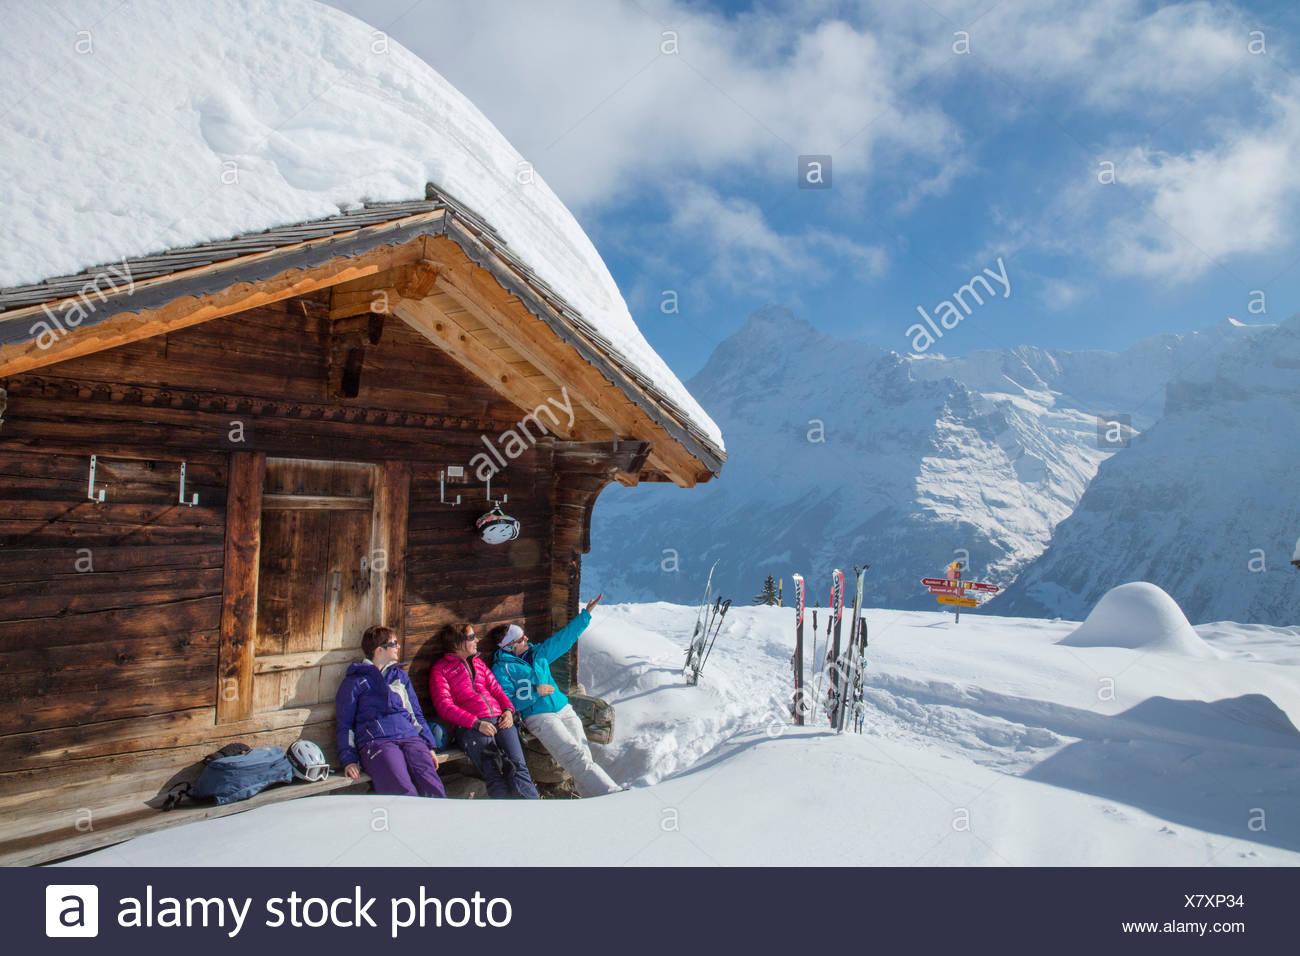 Ski, station touristique, Grindelwald, Ridge, Eigers, montagne, montagnes, ski, ski de fond, carving, hiver, sports d'hiver, dans le canton de Berne, Ber Photo Stock